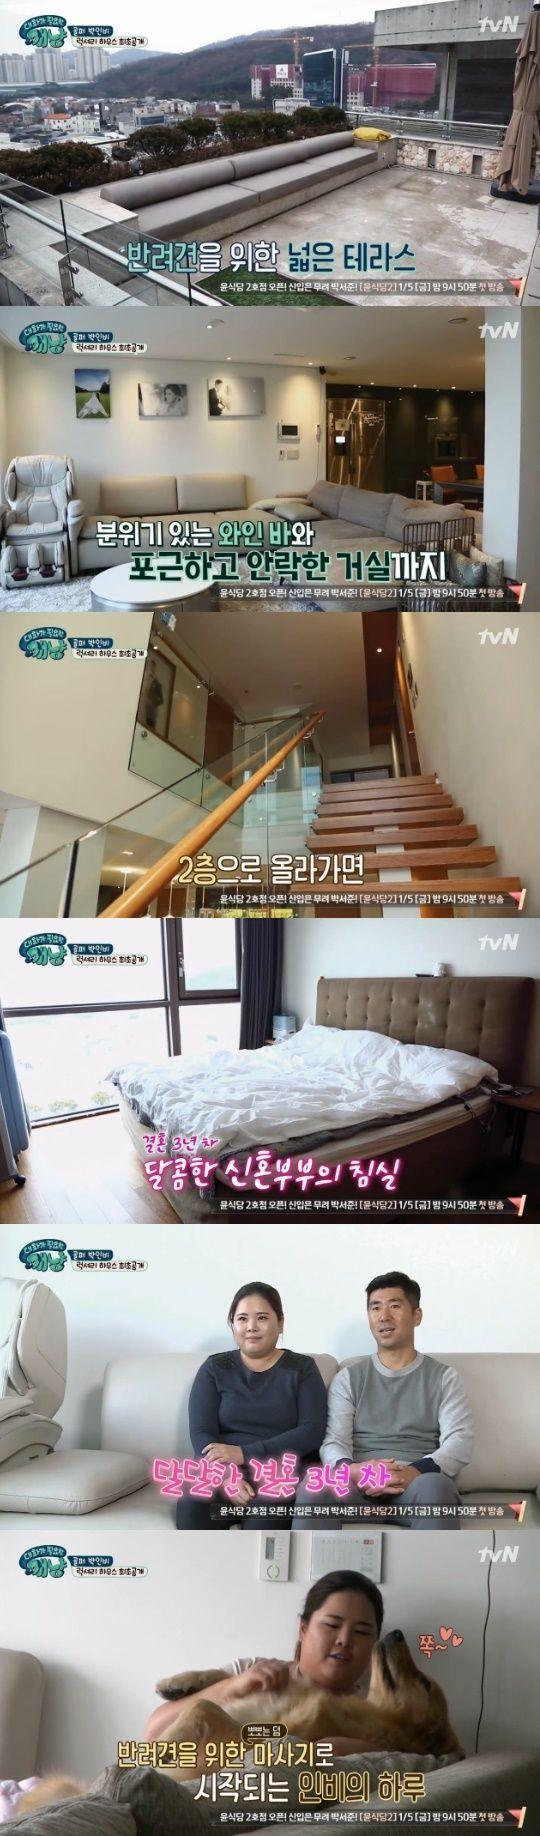 사진=tvN '대화가 필요한 개냥' 캡처